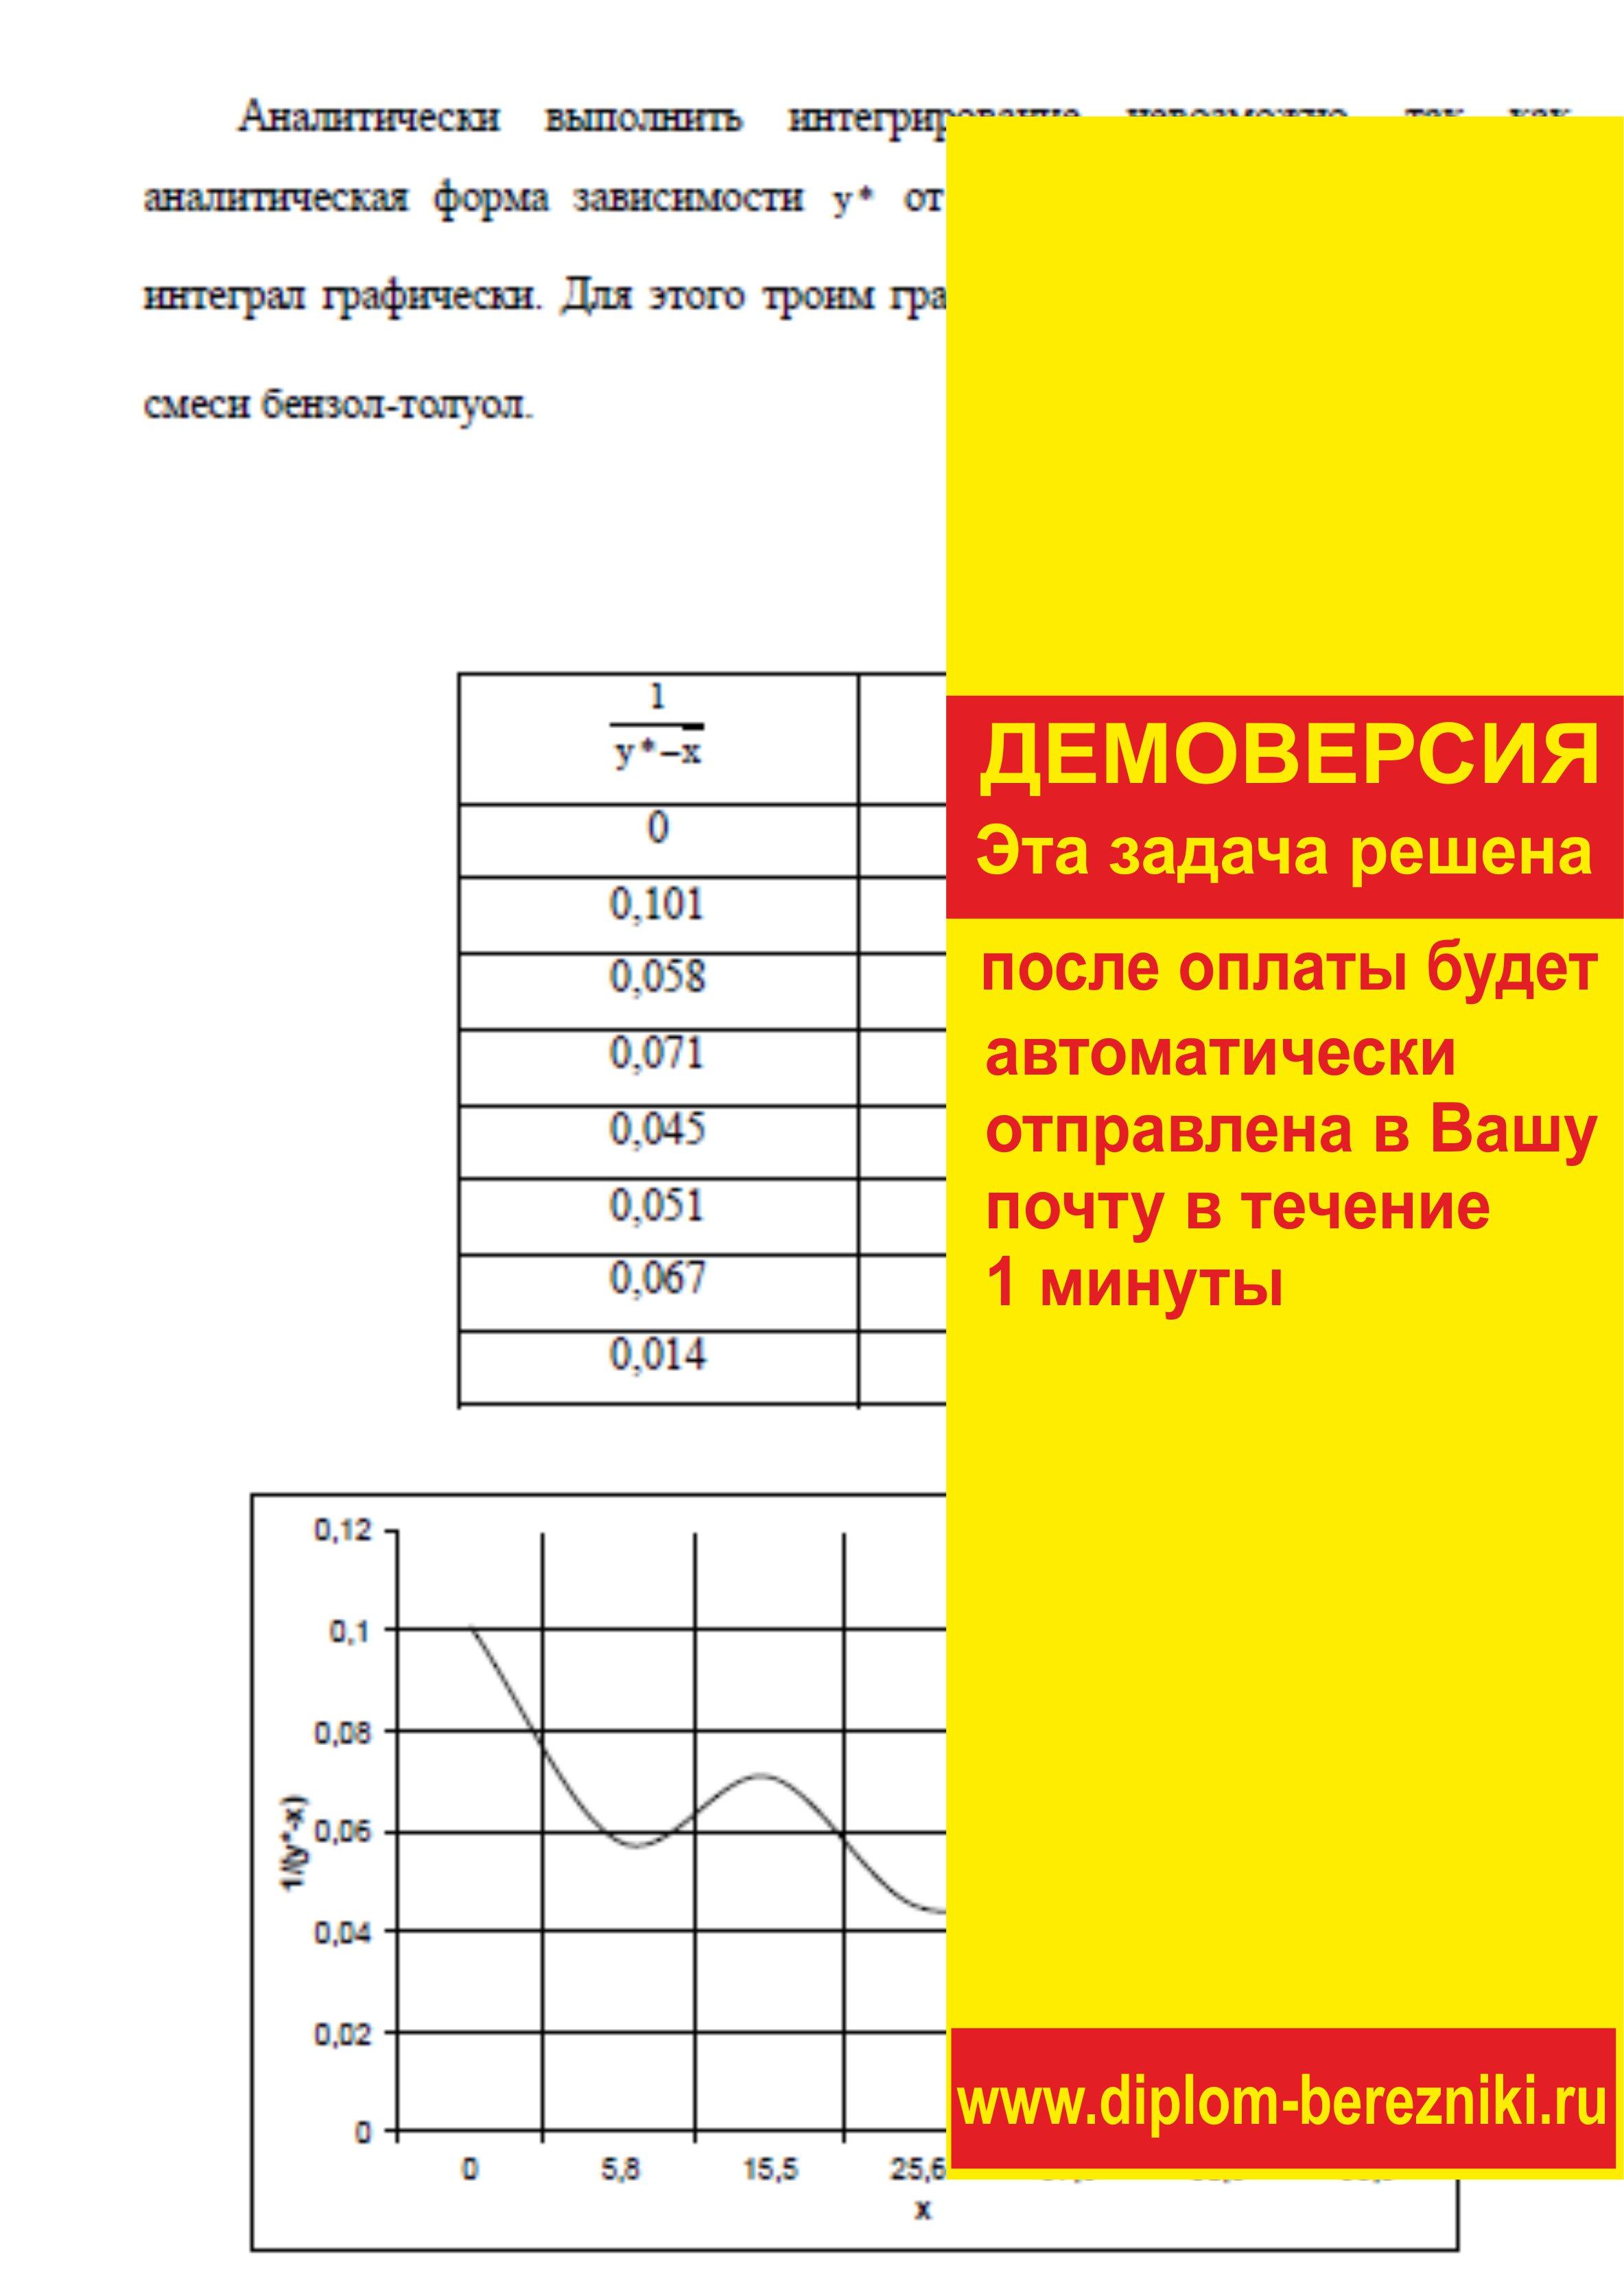 Решение задачи 7.7 по ПАХТ из задачника Павлова Романкова Носкова